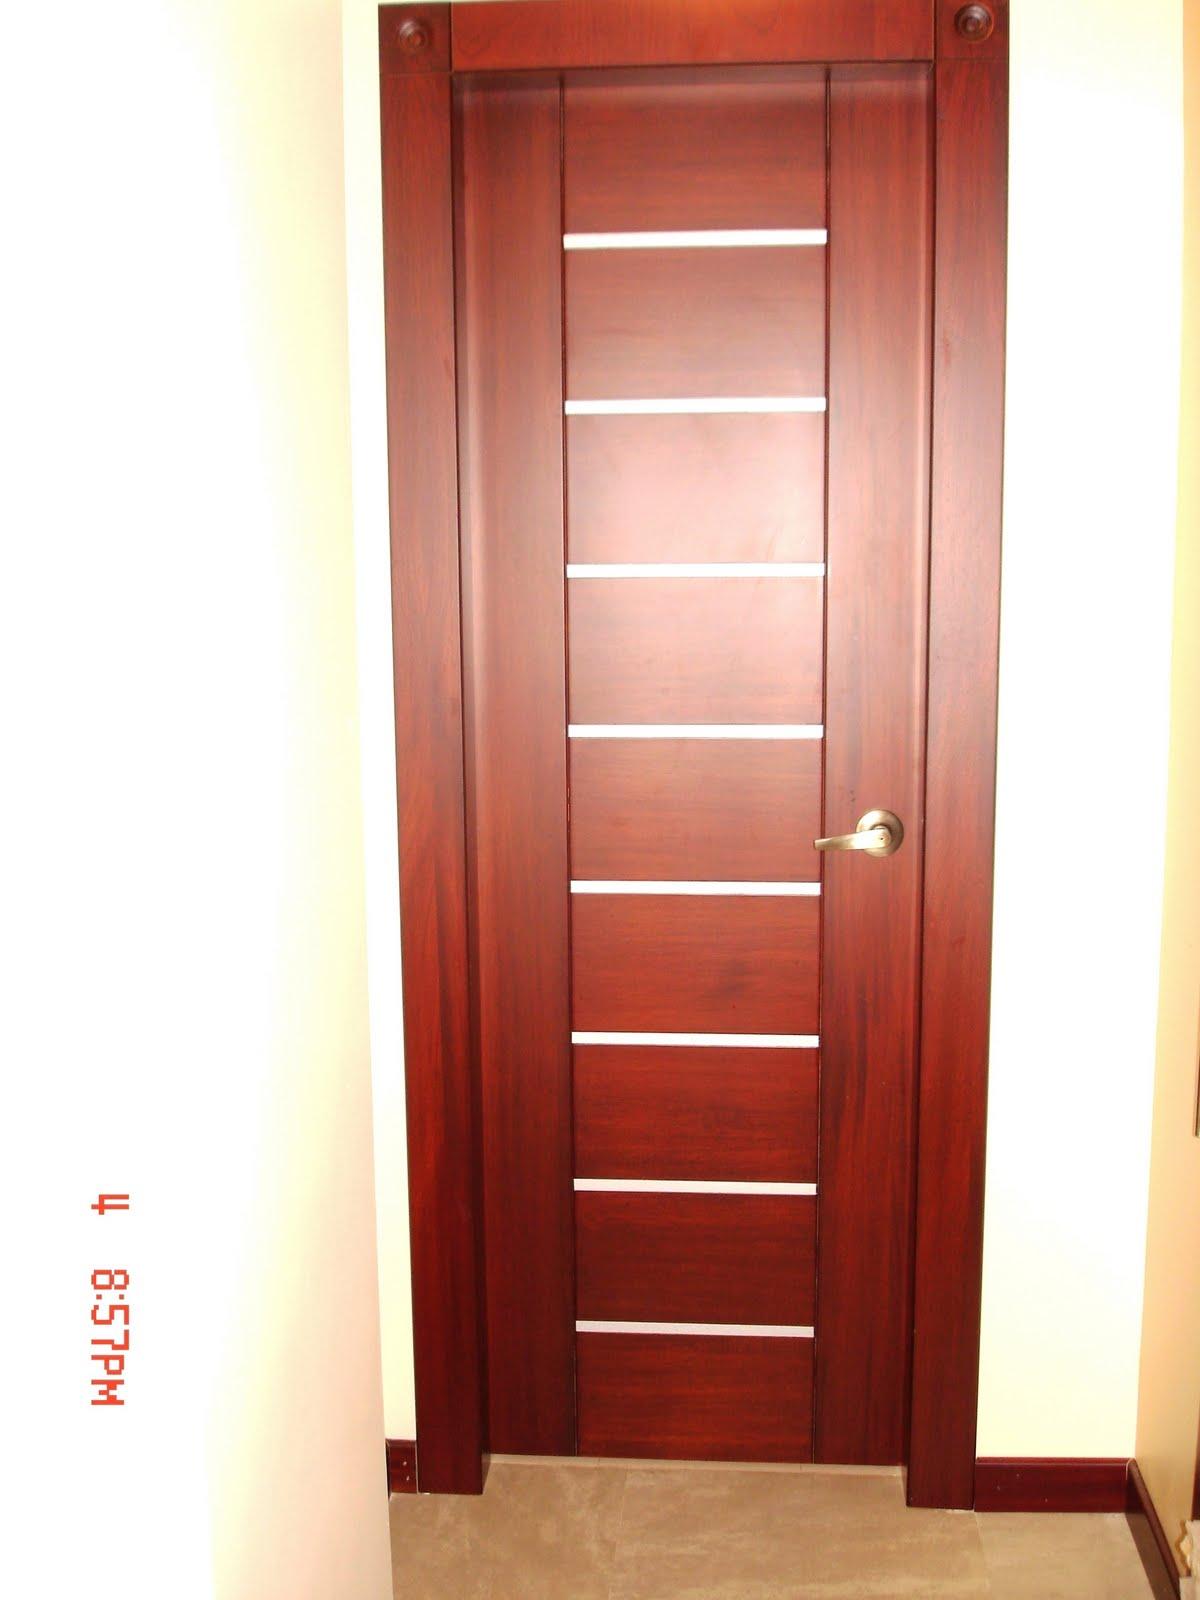 Puertas de aluminio para ba o color madera for Puertas en madera para interiores